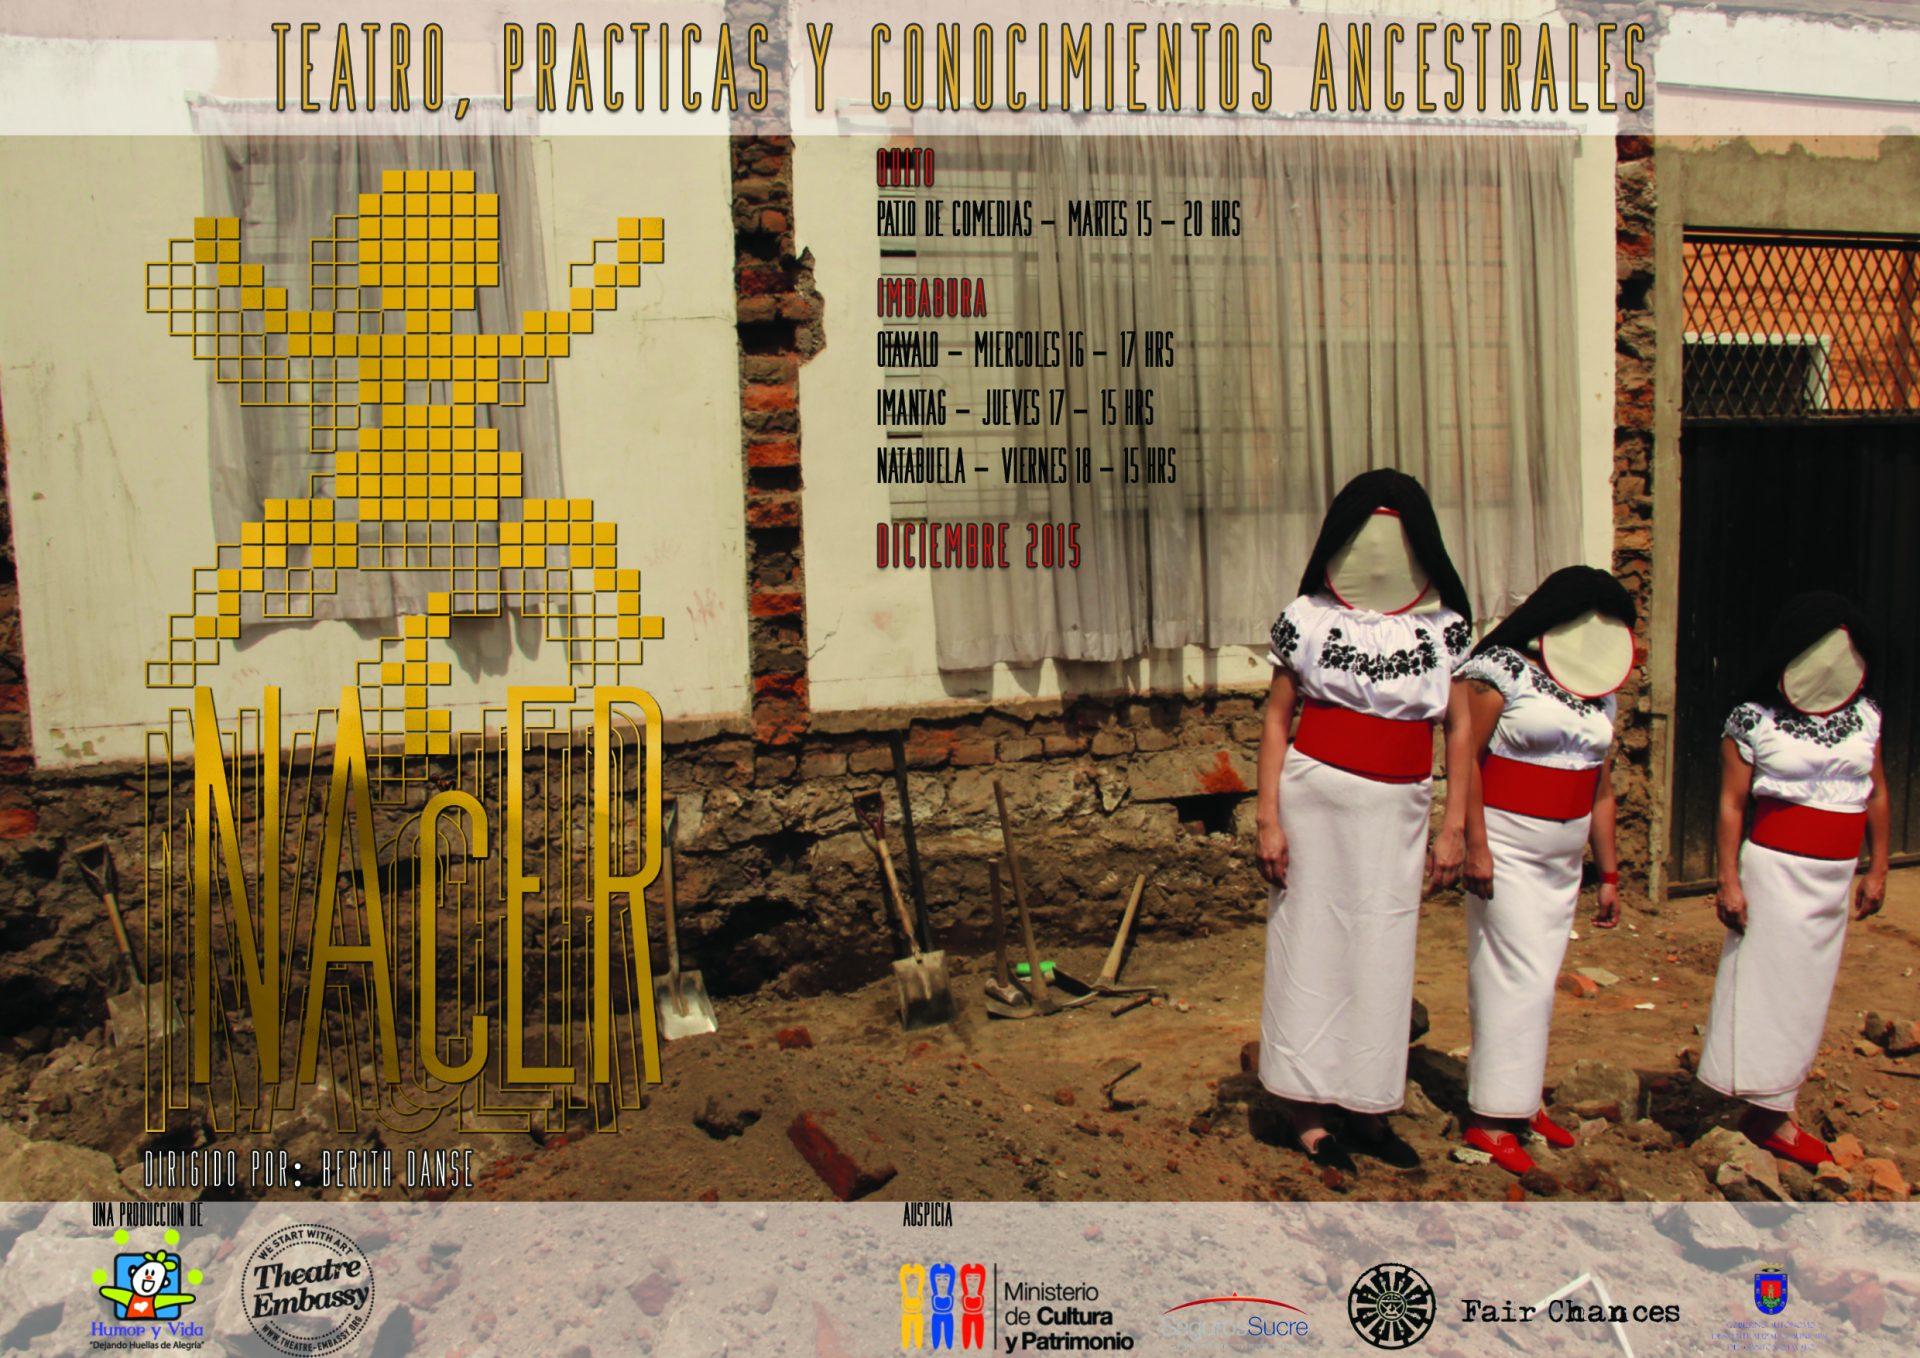 2014_ecuador_poster_nacer